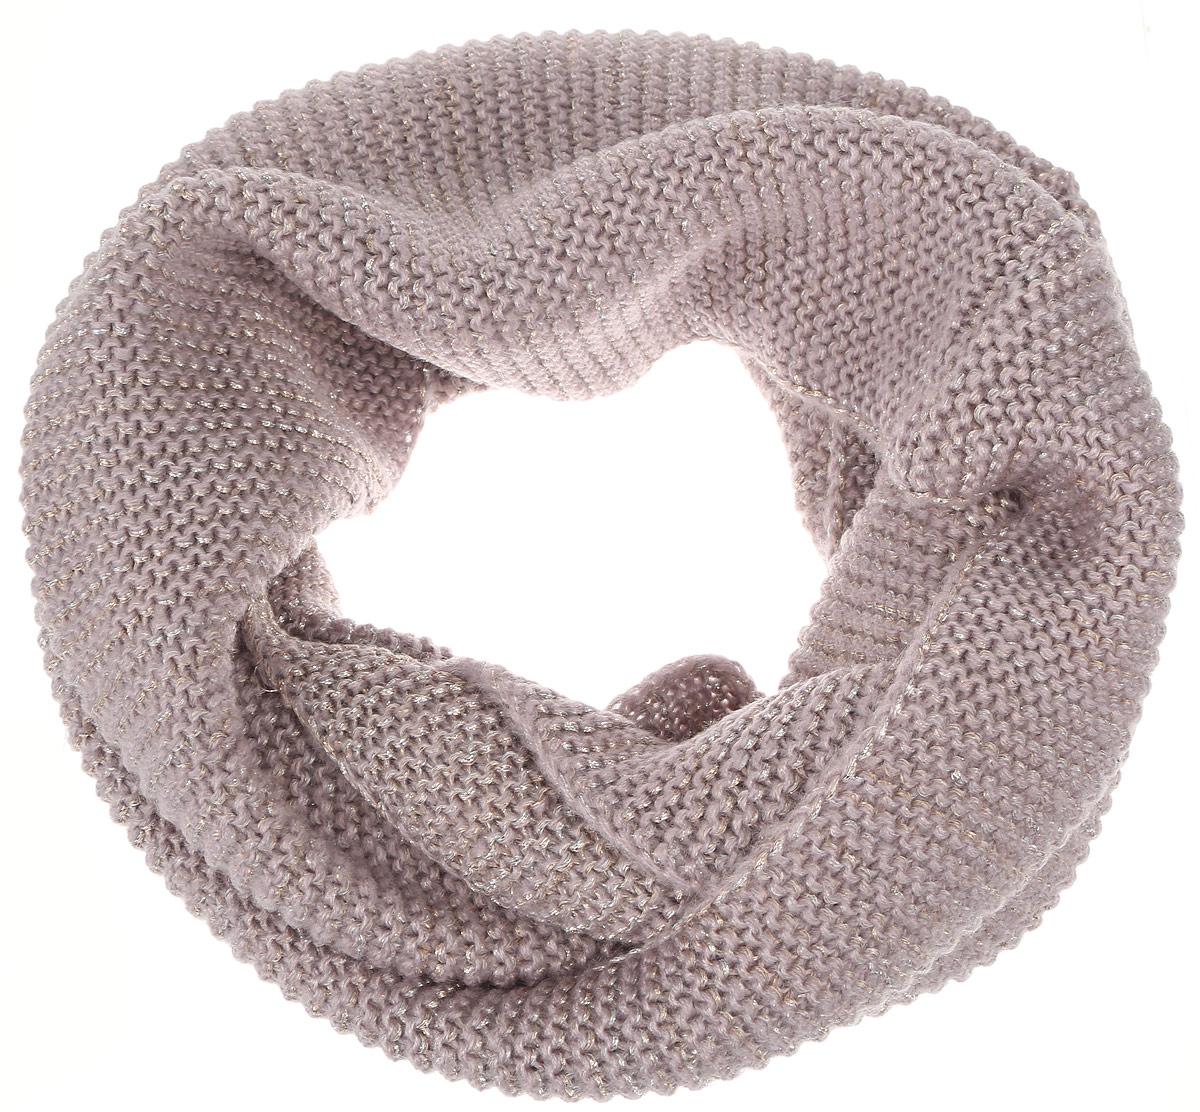 Снуд-хомут женский. SC-142/046H-6302SC-142/046H-6302Стильный снуд-хомут Sela, выполненный из акрила и люрекса, создан подчеркнуть ваш неординарный вкус и согреть вас в прохладное время года. Снуд-хомут можно носить на голове, на шее и груди. Высокое качество материала максимально сохраняет тепло и обеспечивает удобную посадку. Модель отличается невероятной легкостью и мягкостью. Этот модный аксессуар гармонично дополнит образ современной женщины, которая стремится всегда оставаться стильной и элегантной.